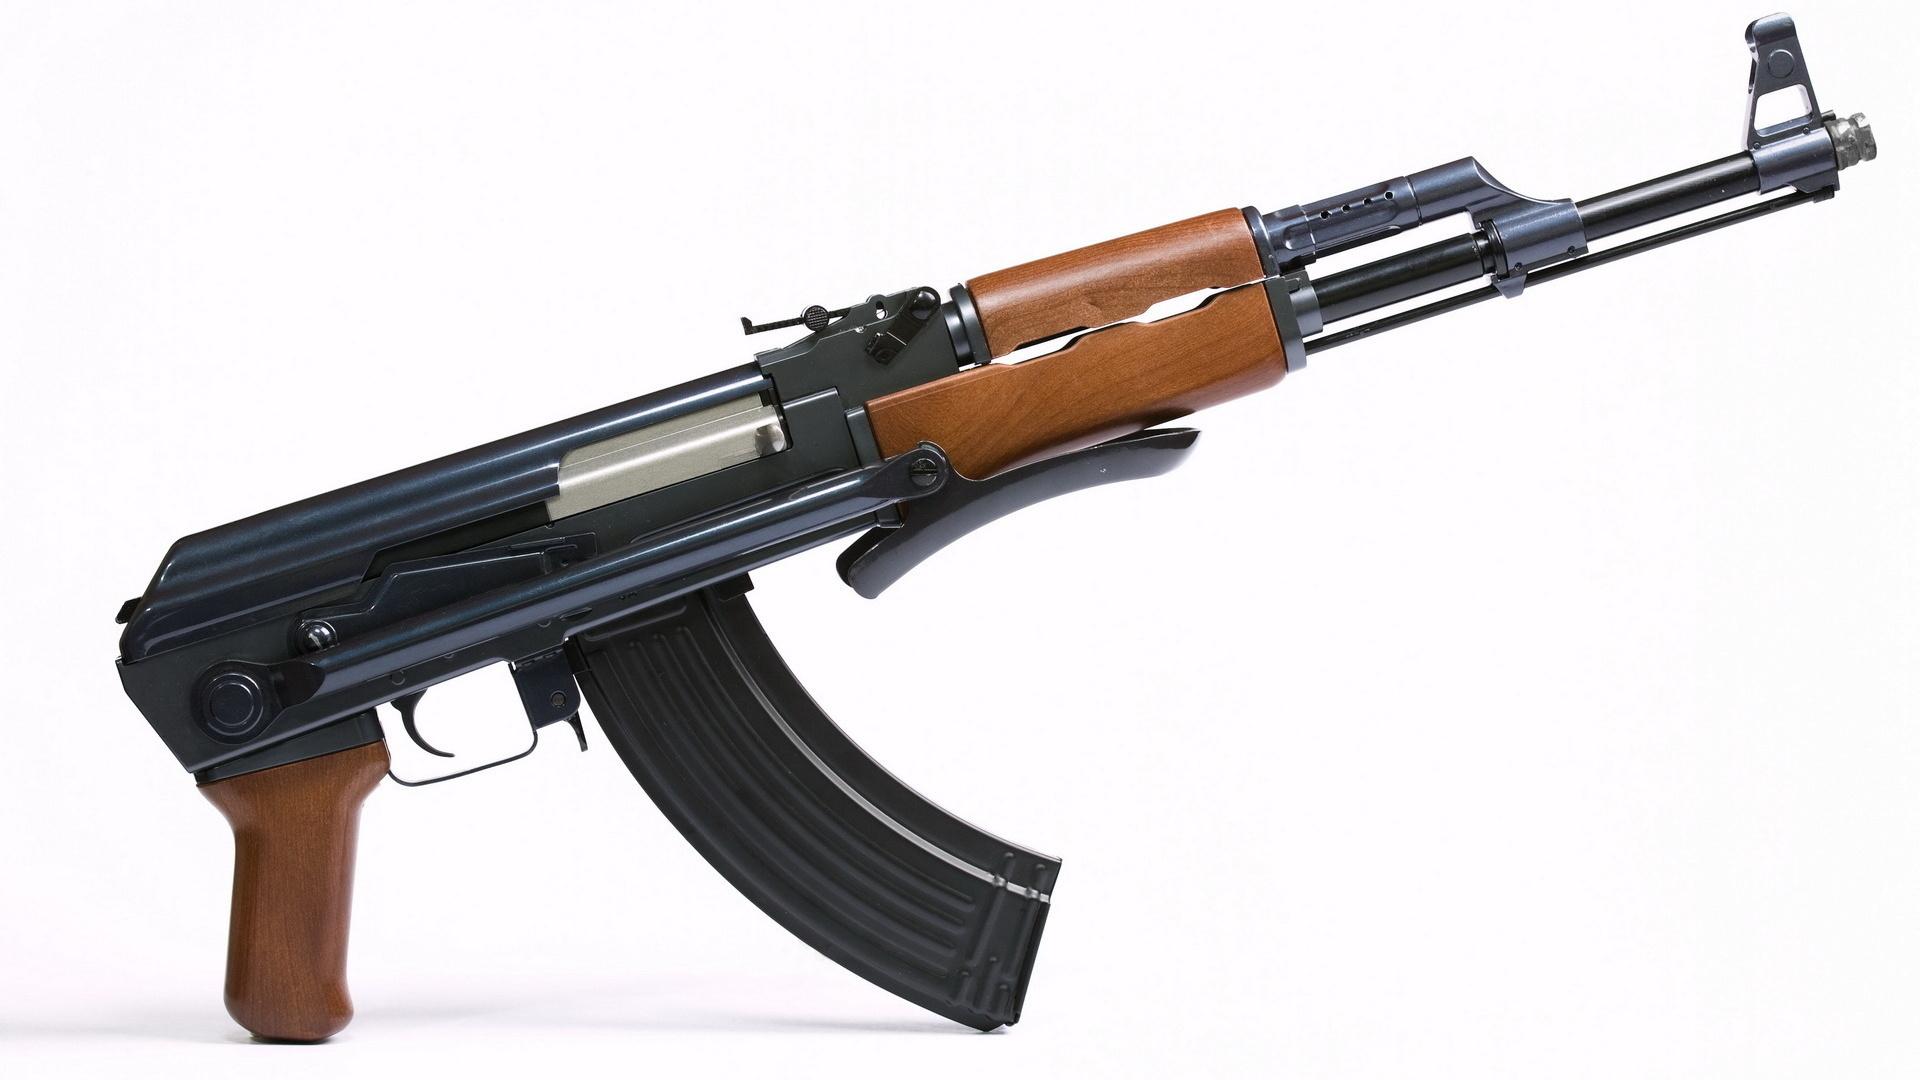 KALASHNIKOV AK 47 weapon gun military rifle r wallpaper 1920x1080 1920x1080